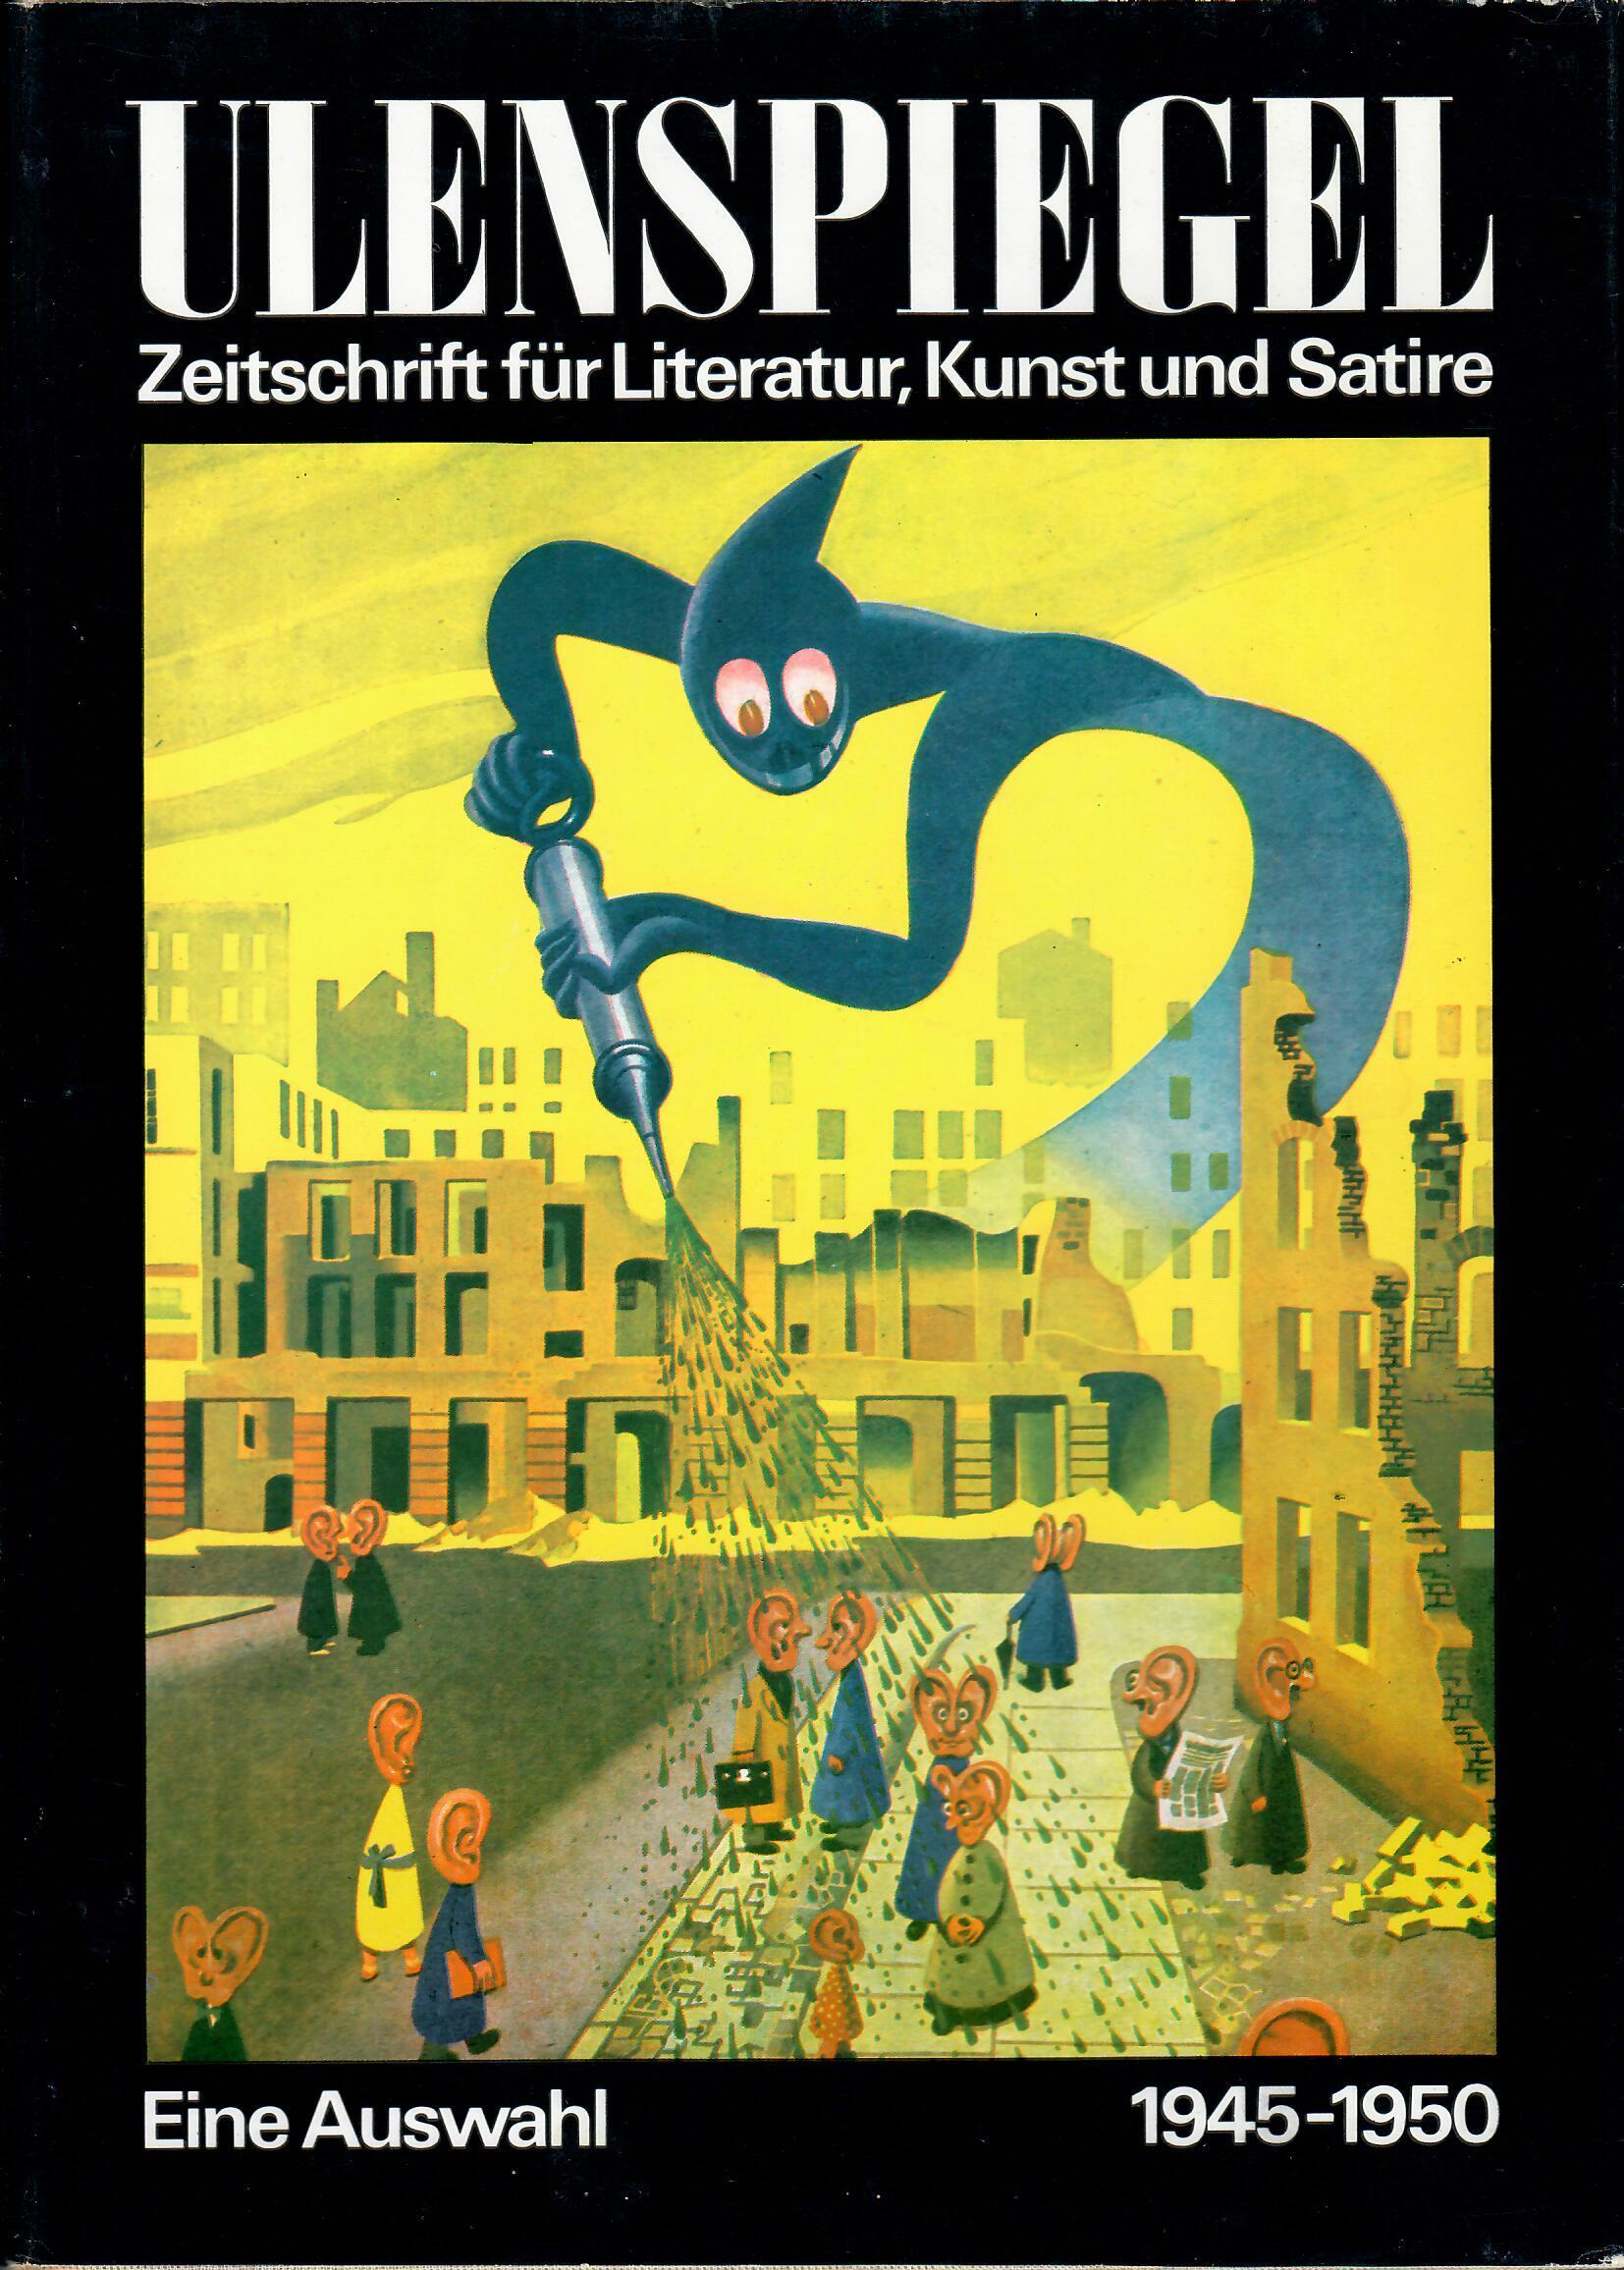 Ulenspiegel - Zeitschrift für Literatur, Kunst und: Sandberg,Herbert; Kunert,Günter